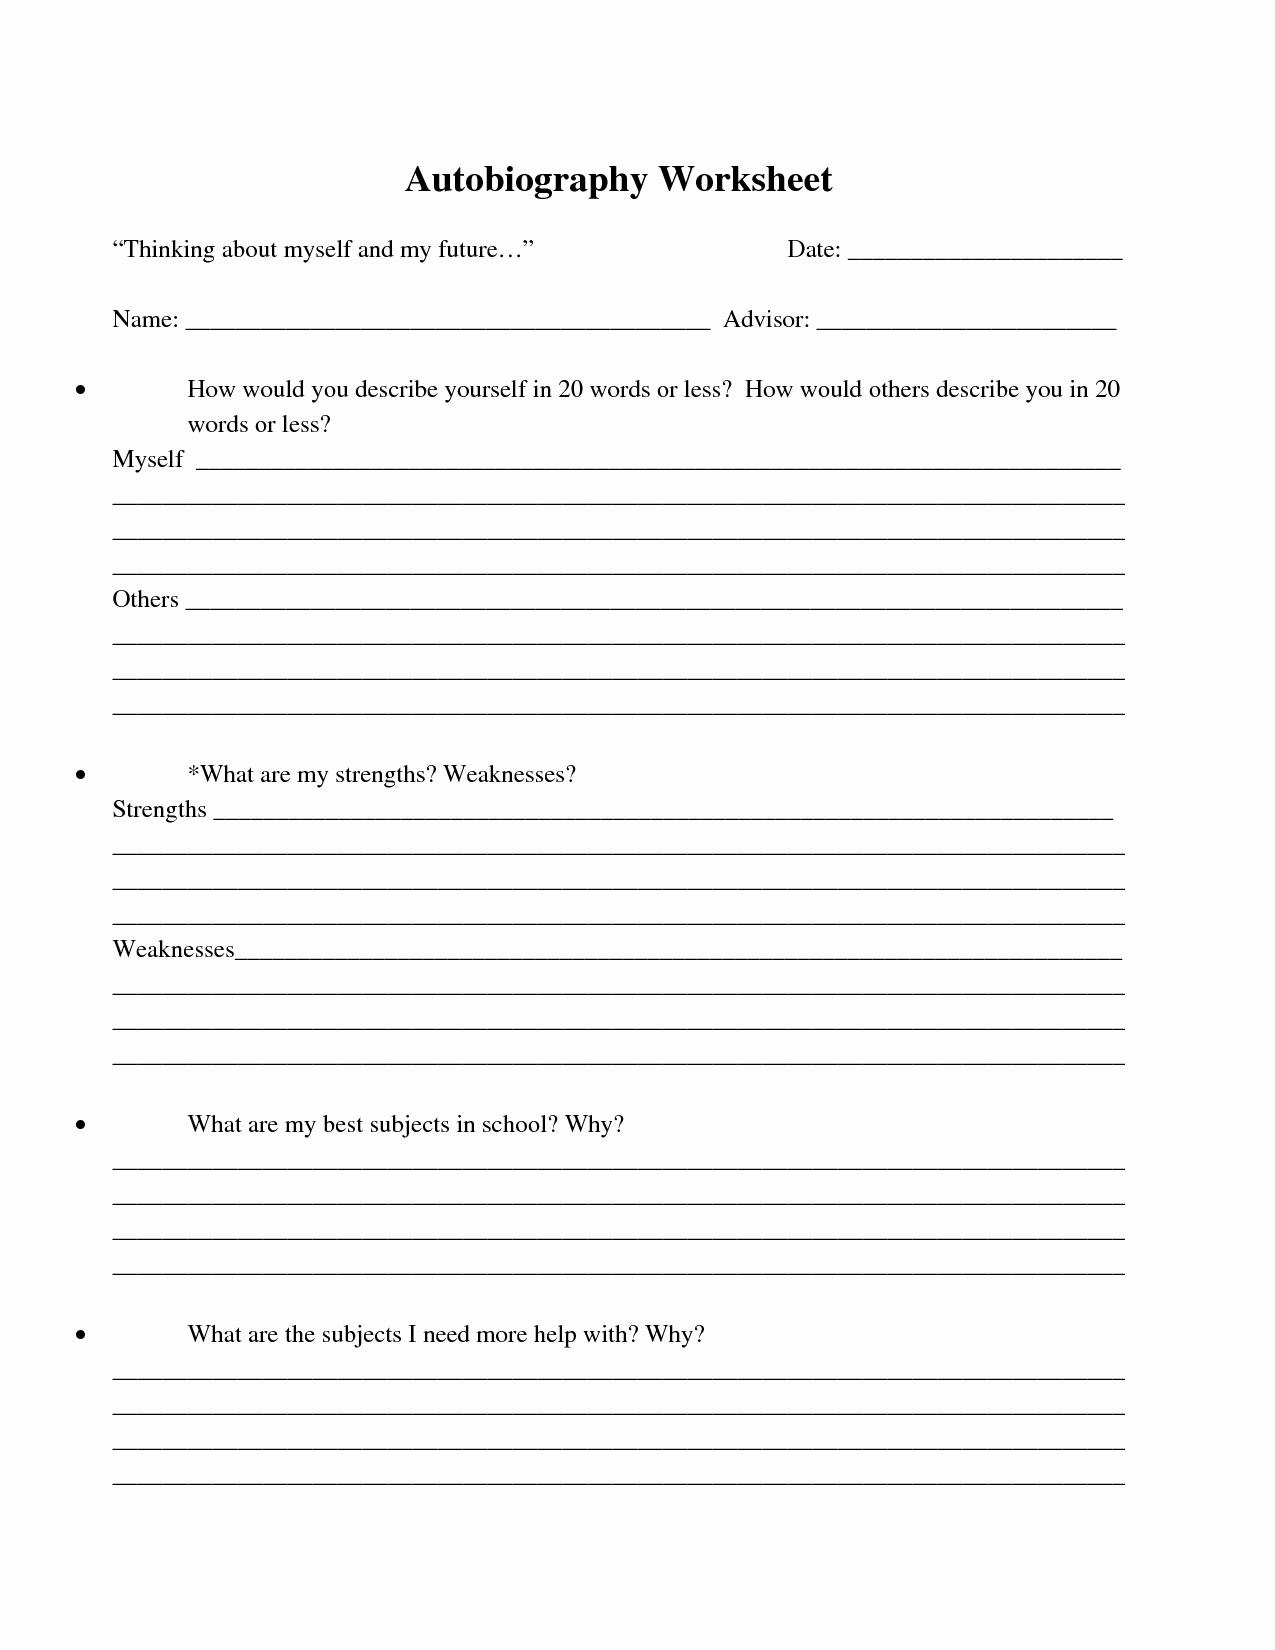 Worksheet : Bio Poem Examples For Kids New Best S Of Printable | Printable Biography Worksheets